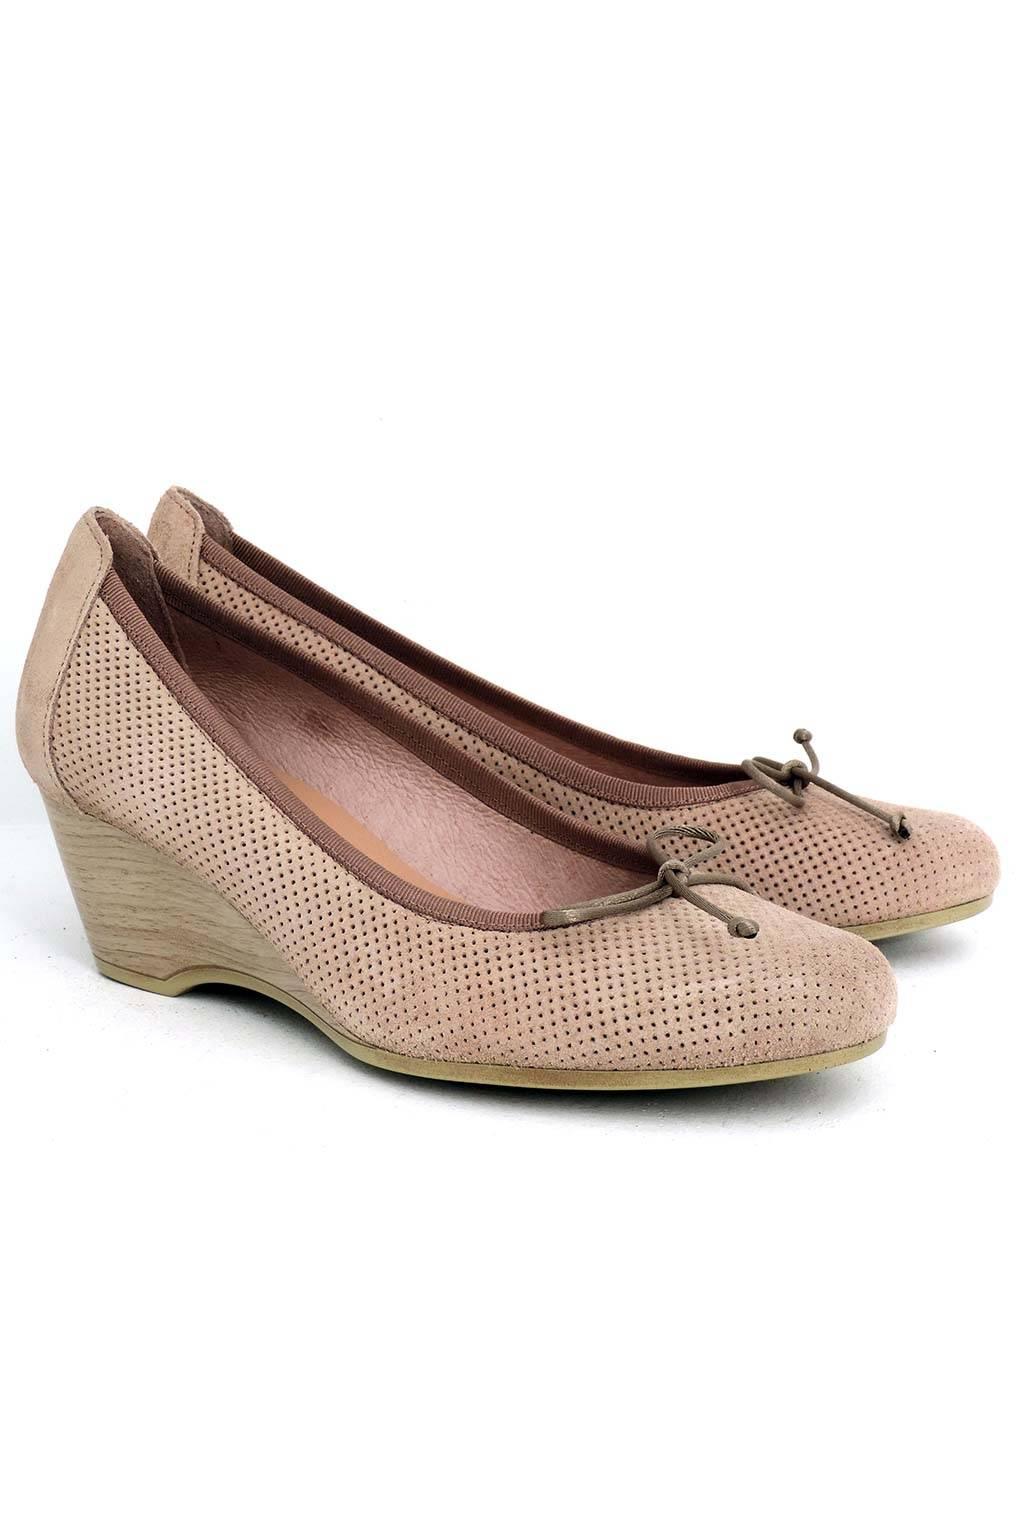 Zapato piel cuña madera